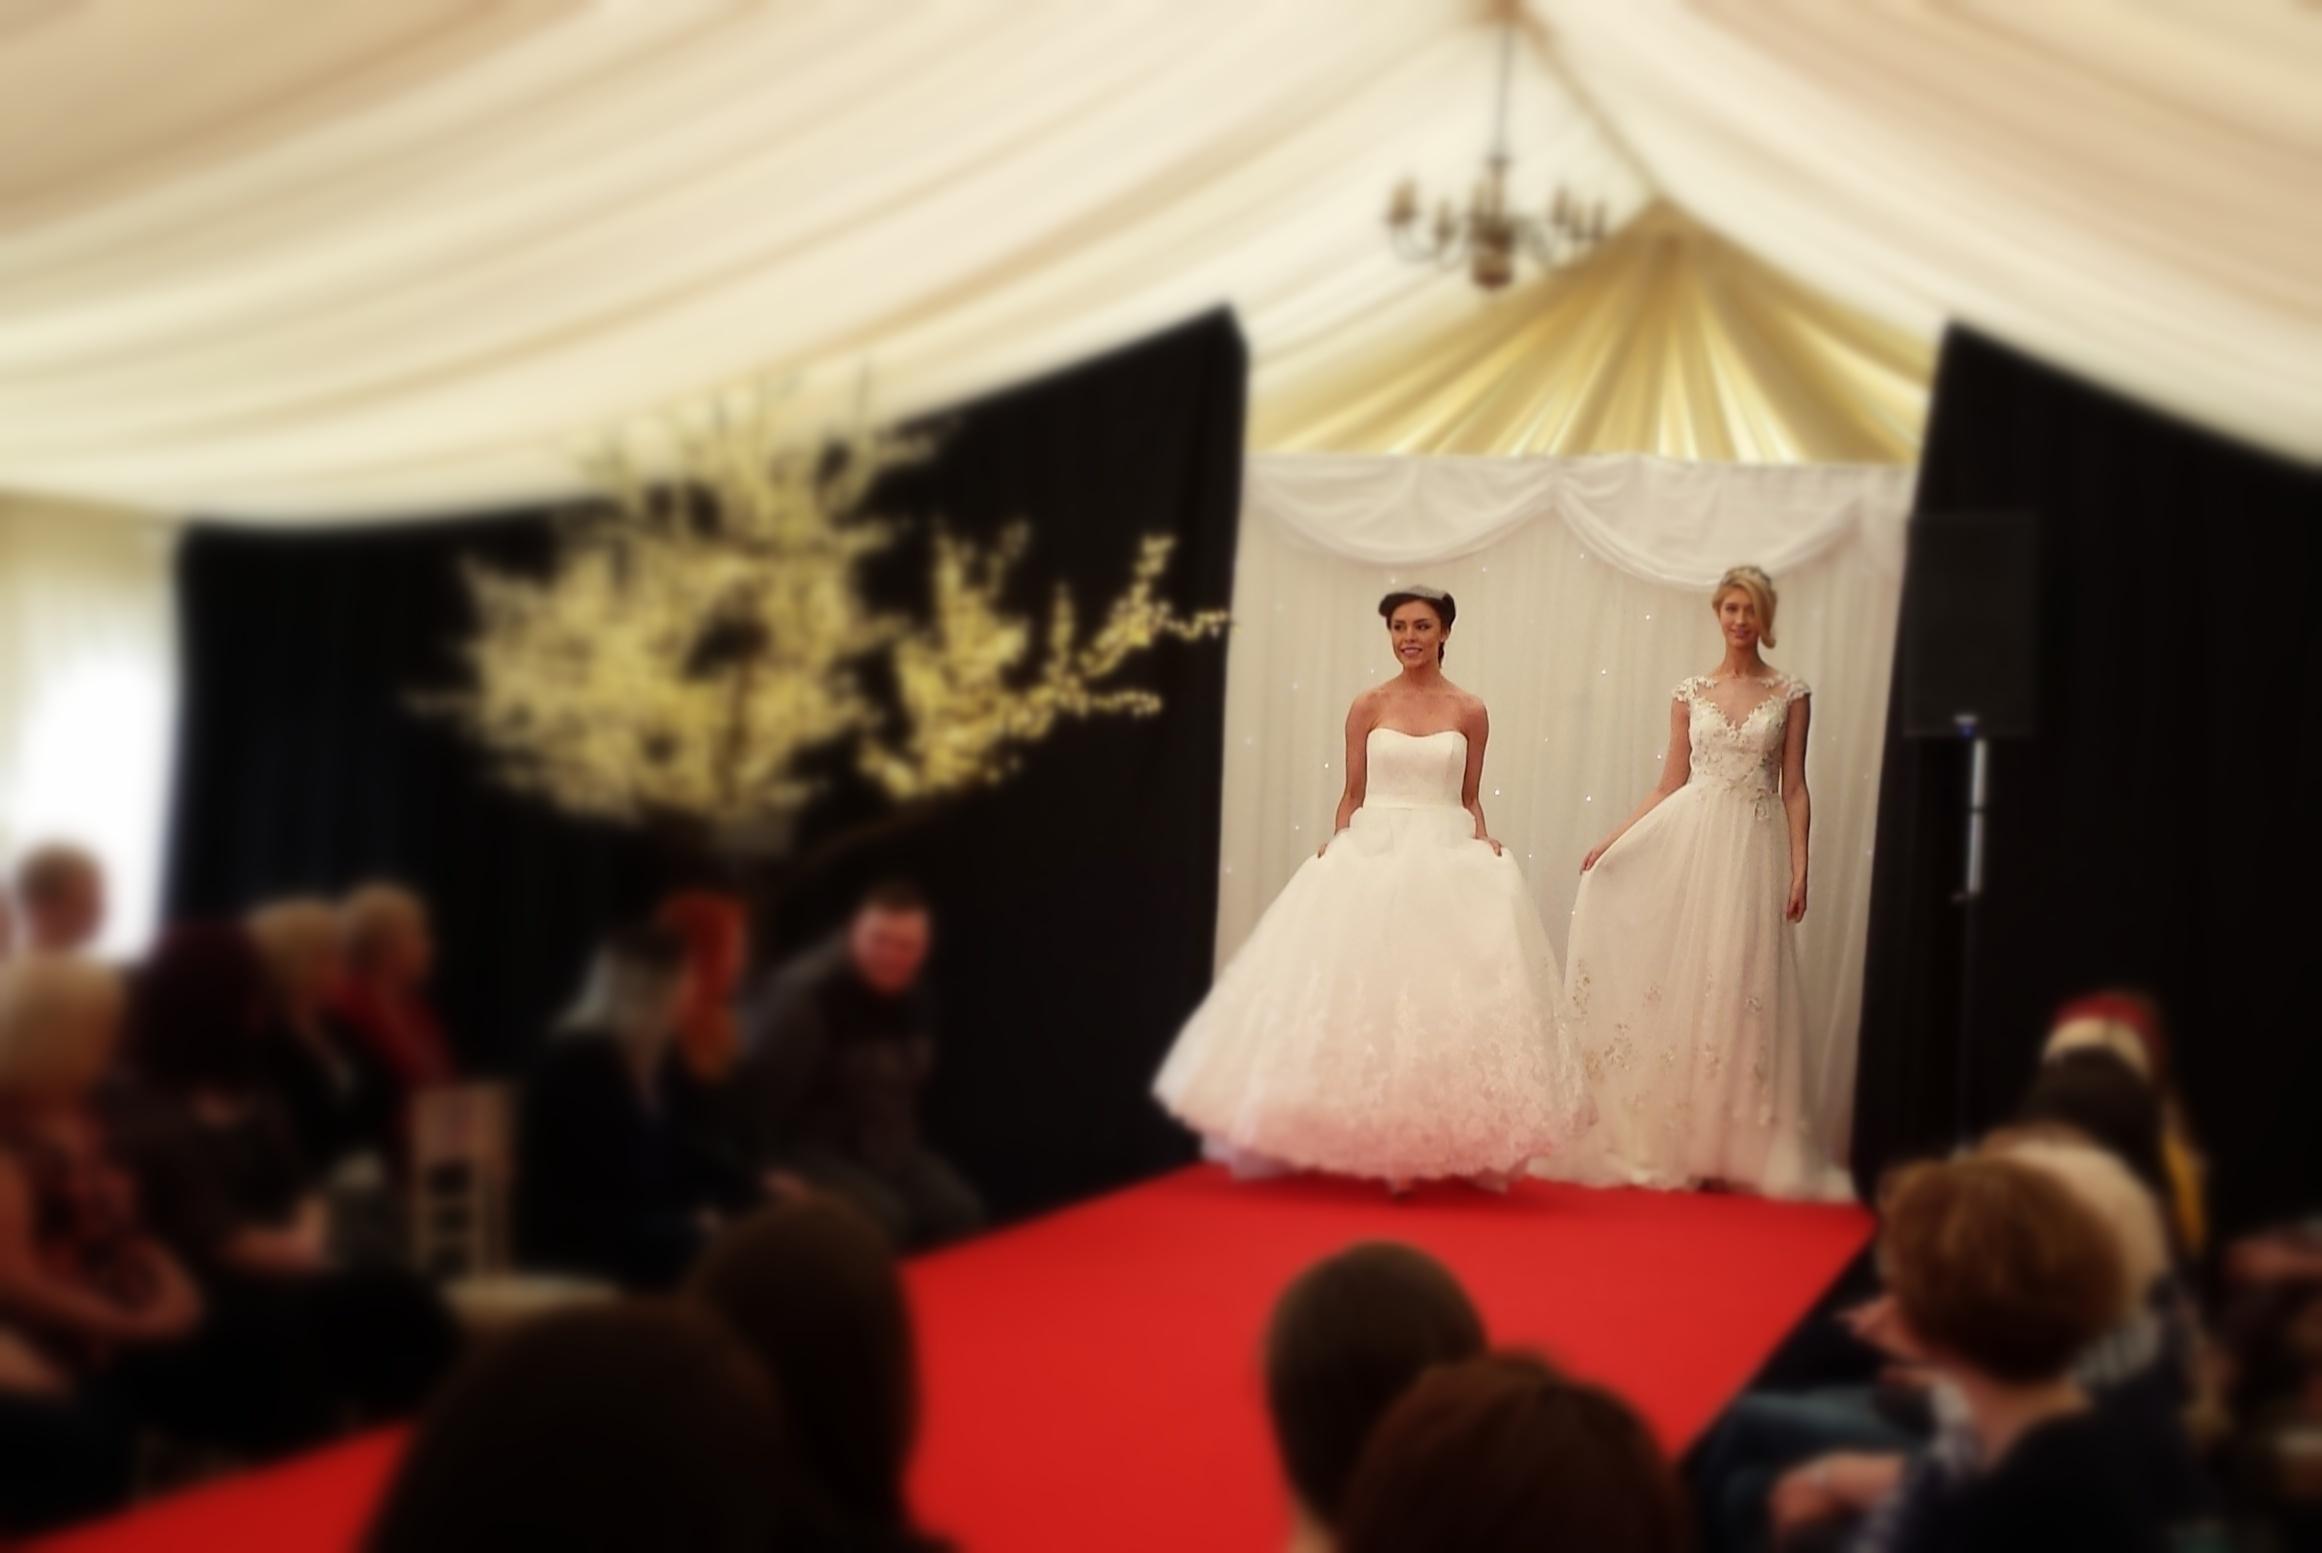 Perth Wedding Showcase - Runway Show